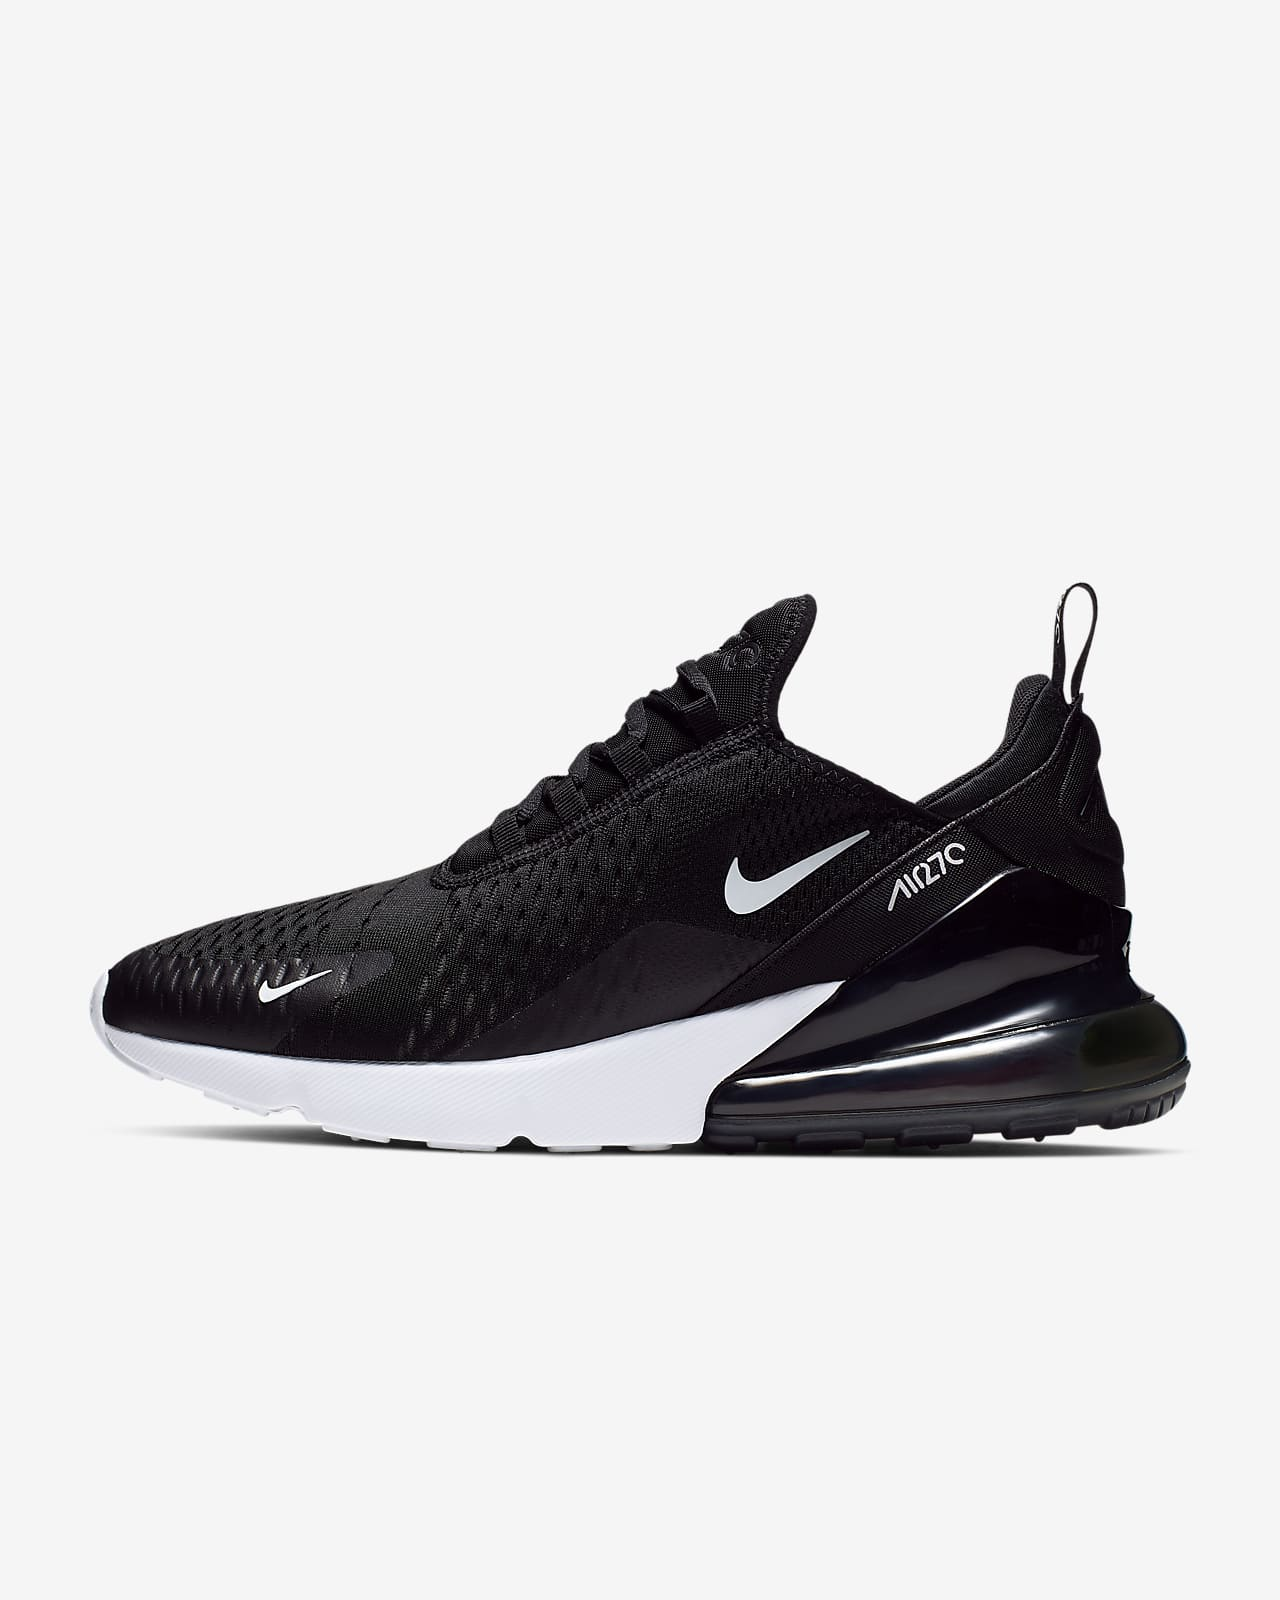 Ανδρικό παπούτσι Nike Air Max 270